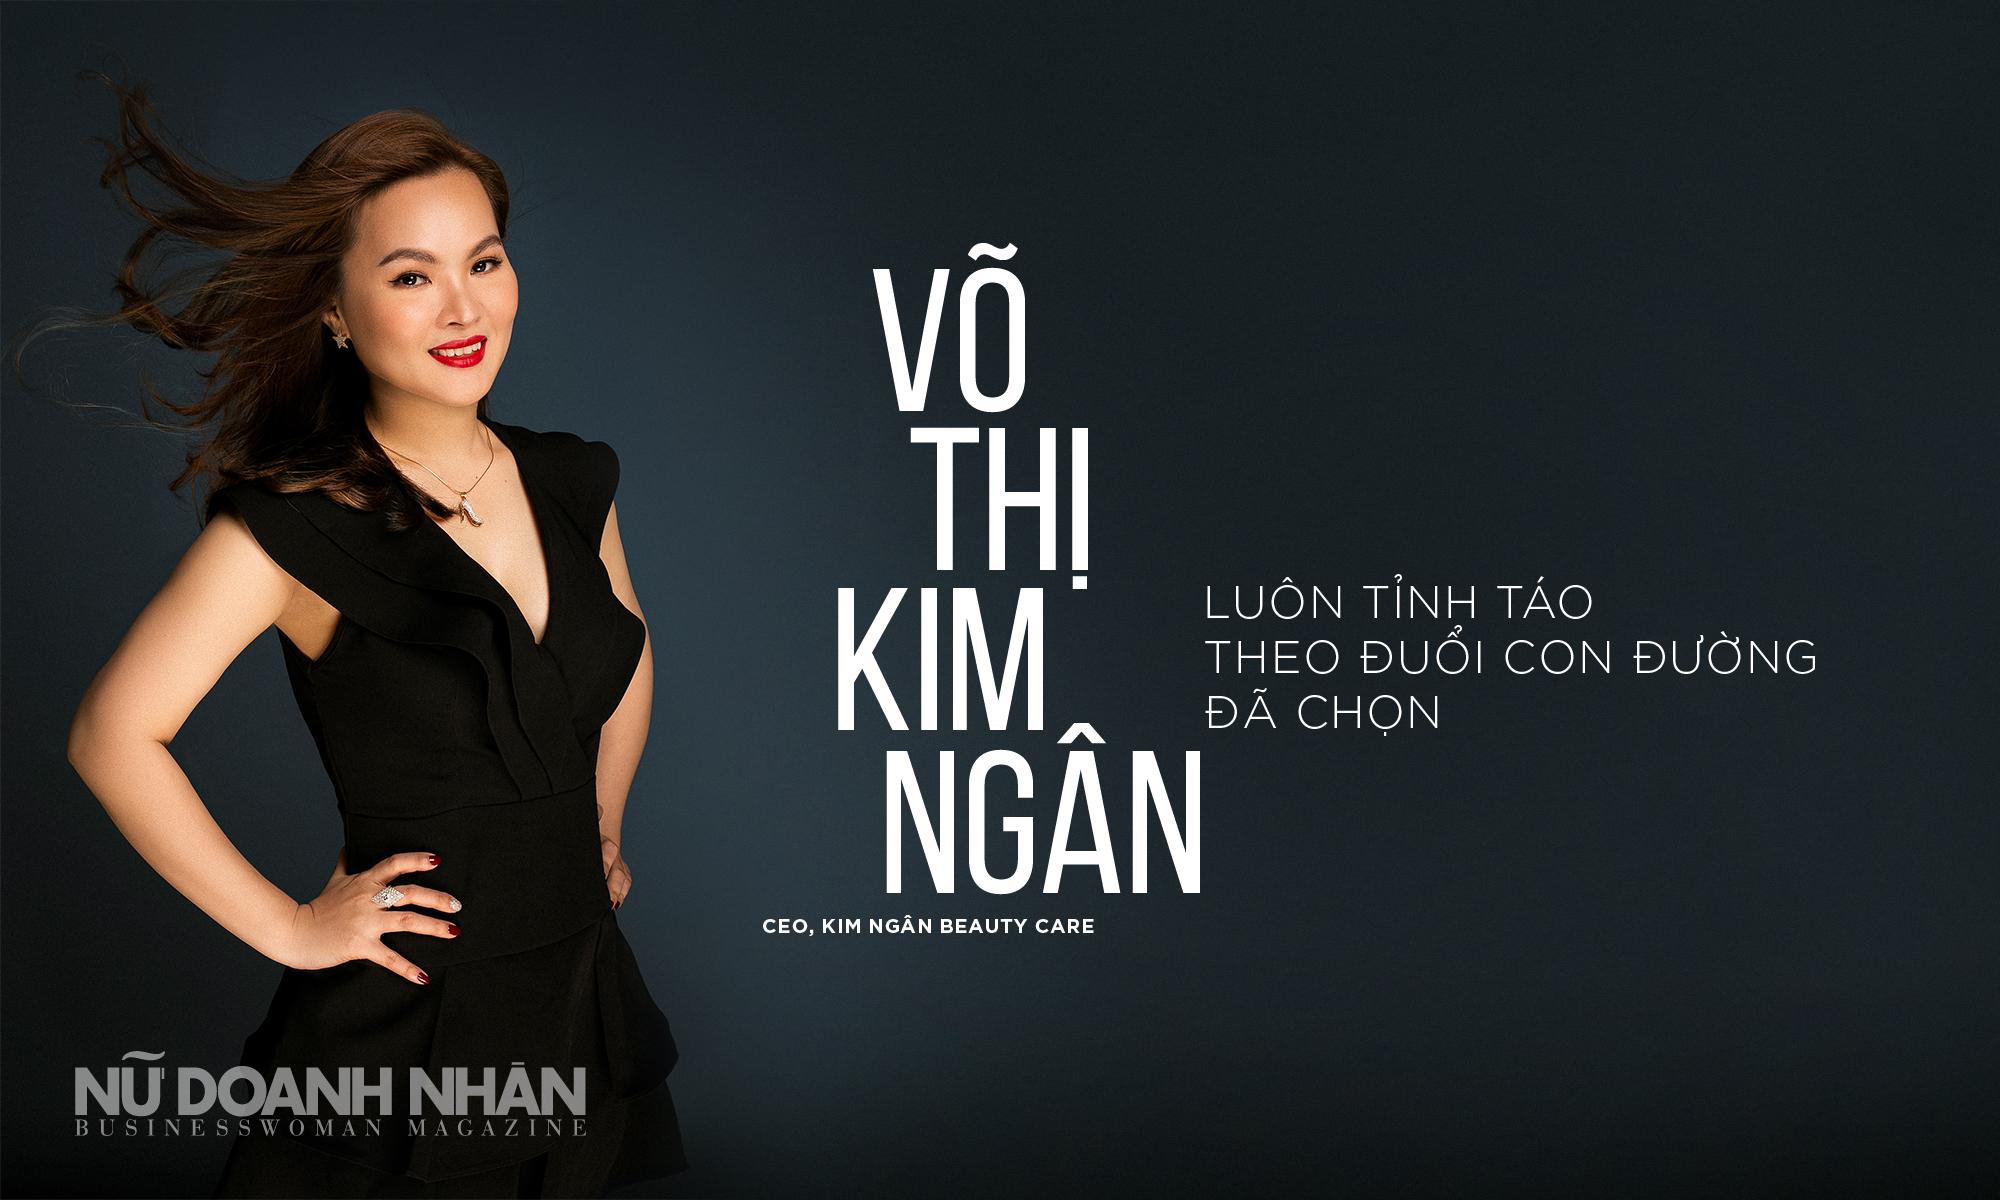 CEO Kim Ngân Beauty Care, Võ Thị Kim Ngân: Luôn tỉnh táo theo đuổi con đường đã chọn